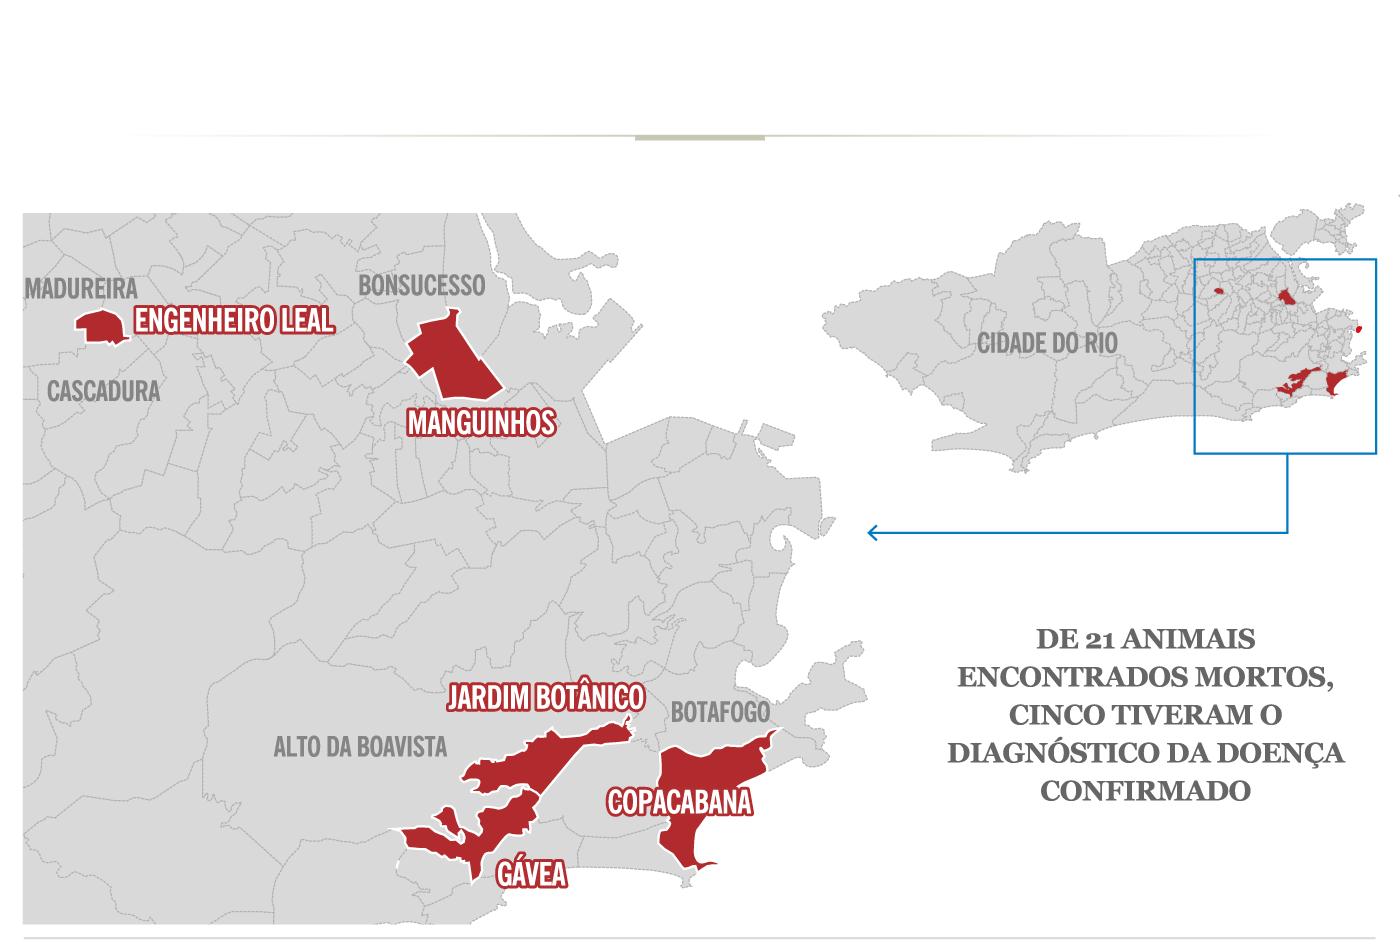 Brasil confirma 424 casos de febre amarela com 137 mortes